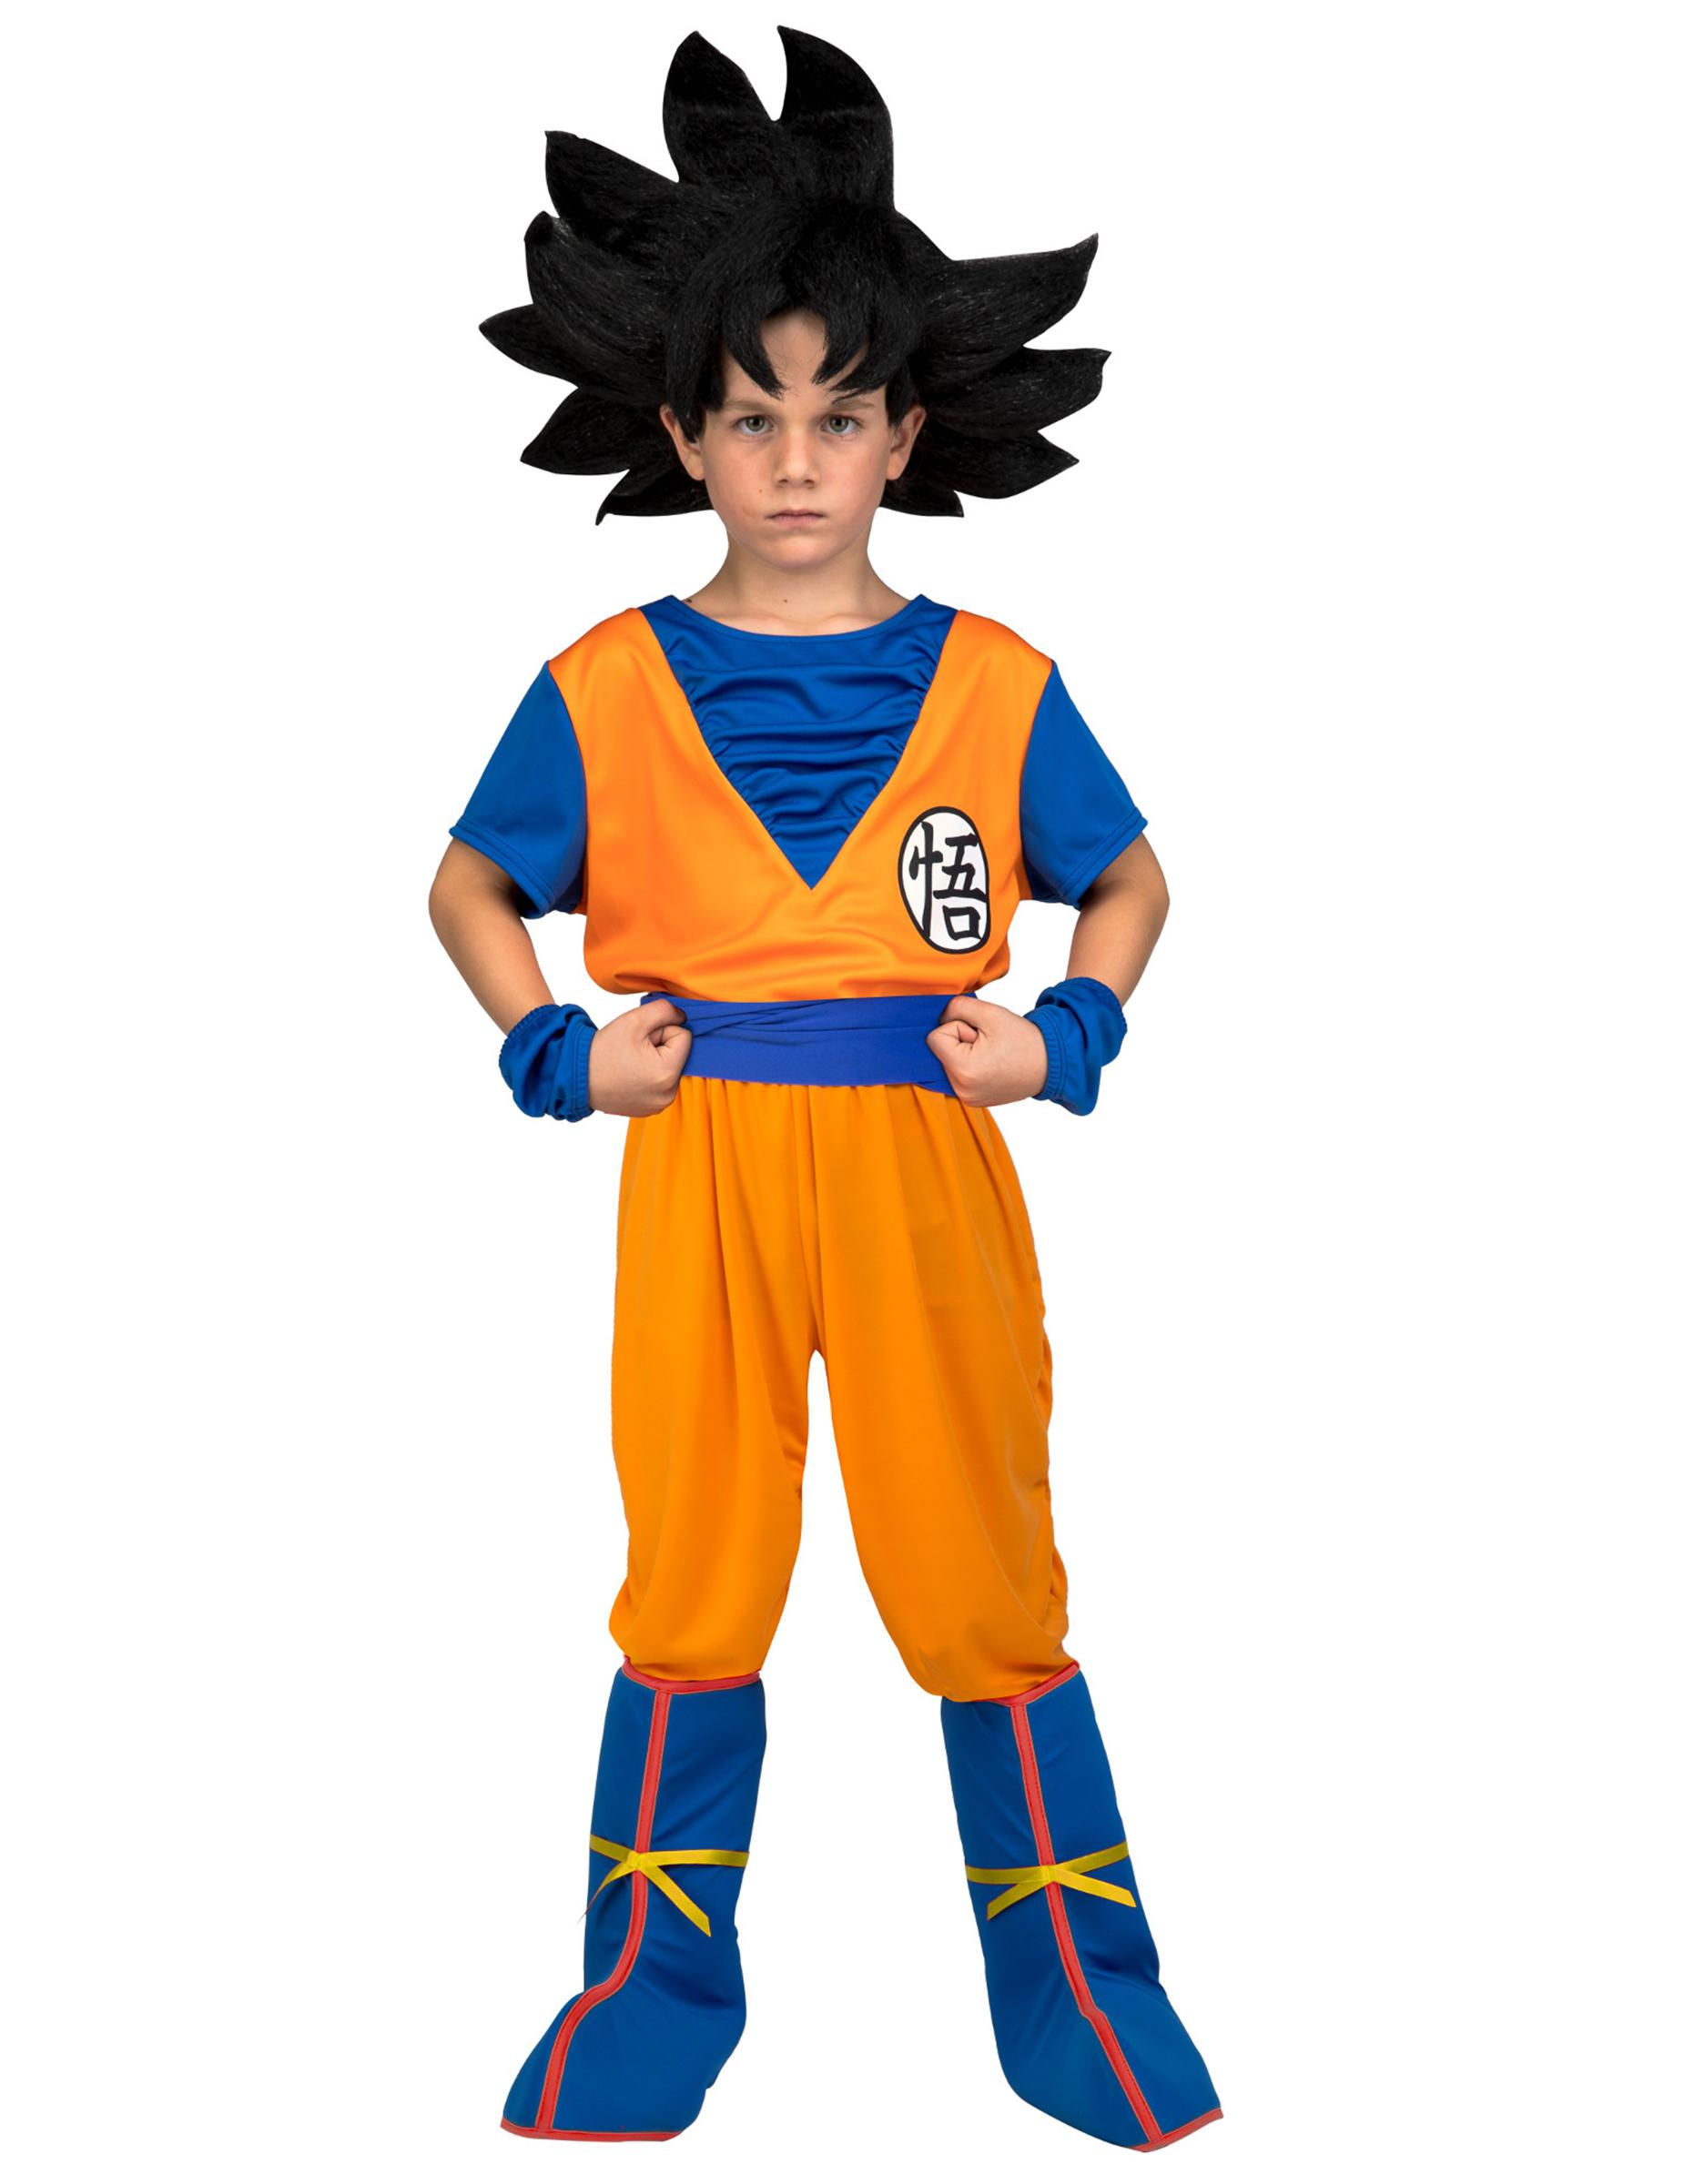 4b9c1e3066045 Son Goku™-Kostüm für Kinder Dragon Ball™ im Geschenkkoffer orange-blau